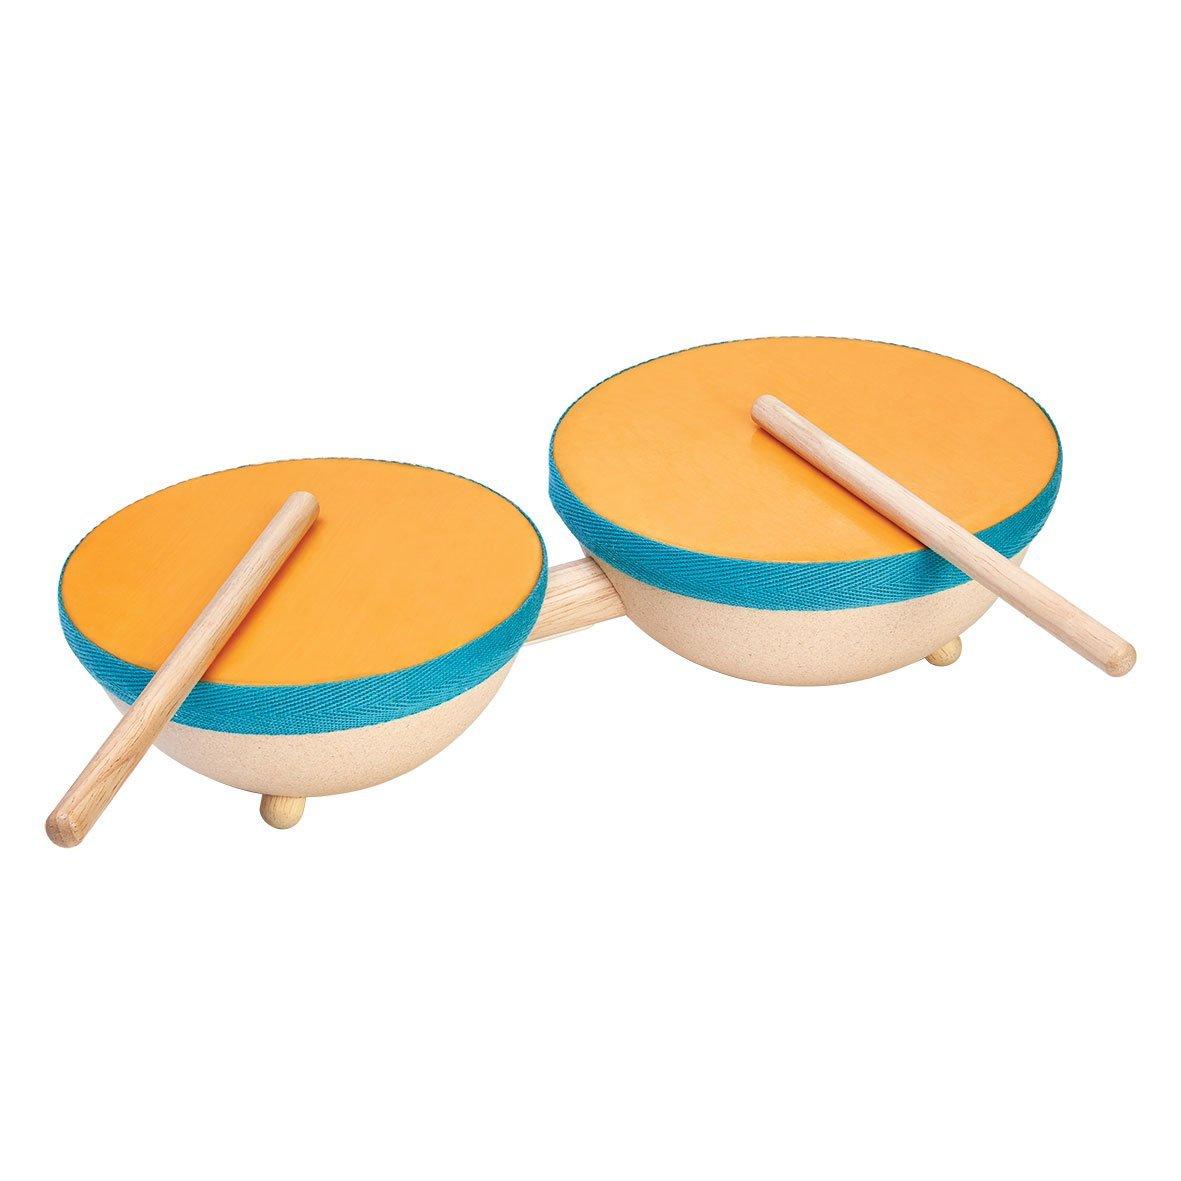 PlanToys 6425 Double Drum Music Set by PlanToys